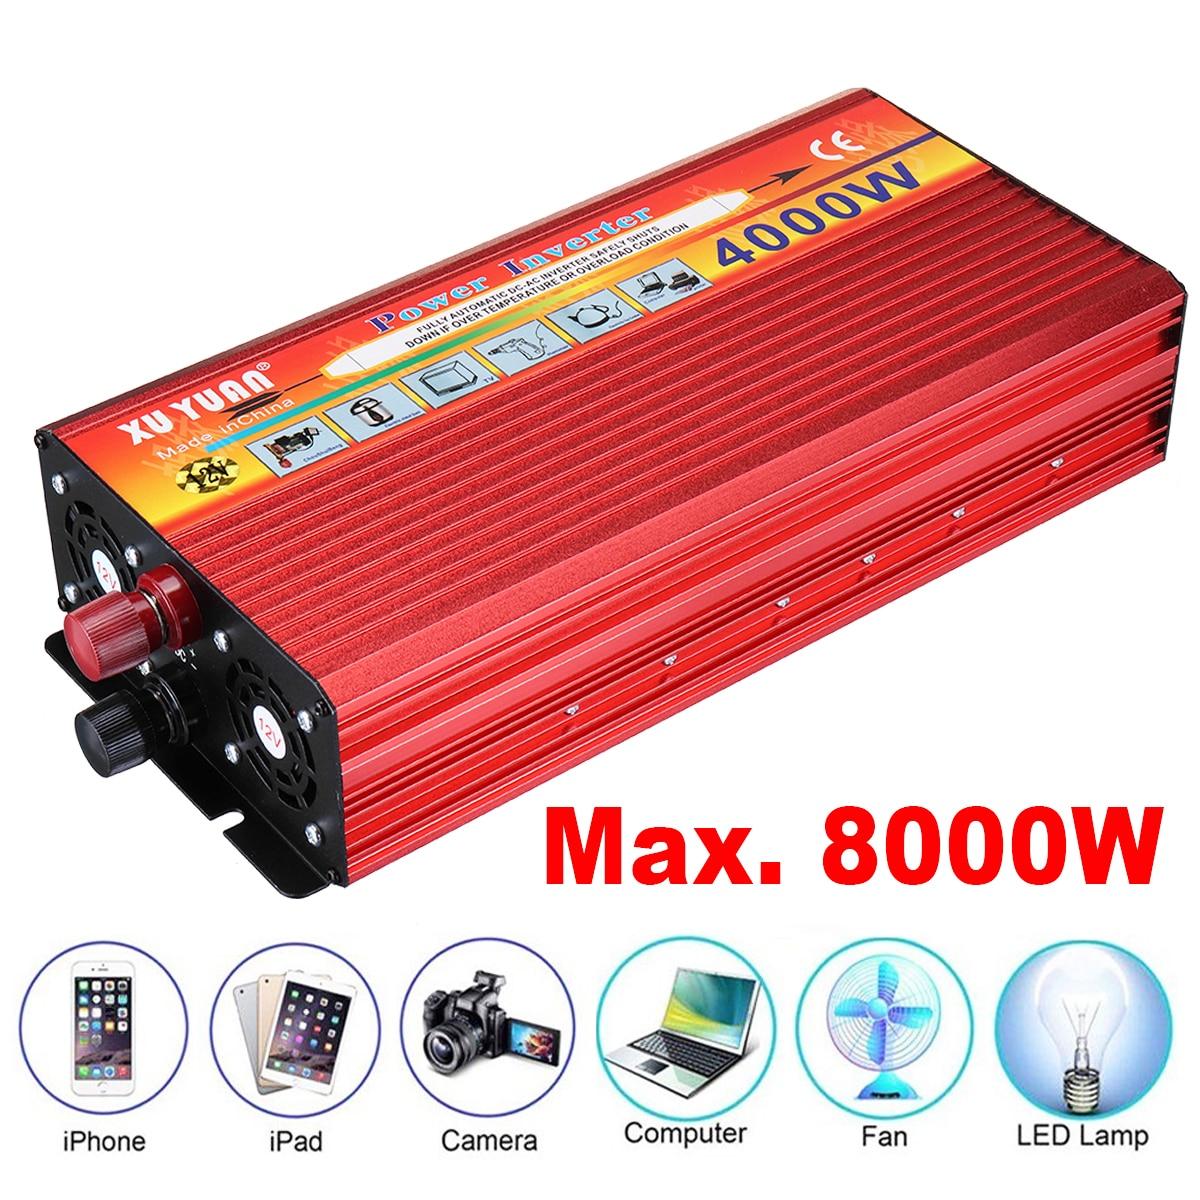 4000 Вт Портативный автомобильный инвертор Aotomatic Мощность выключатель автоматический Зарядное устройство комплект адаптер DC 12 В To110V 240 В AC На...